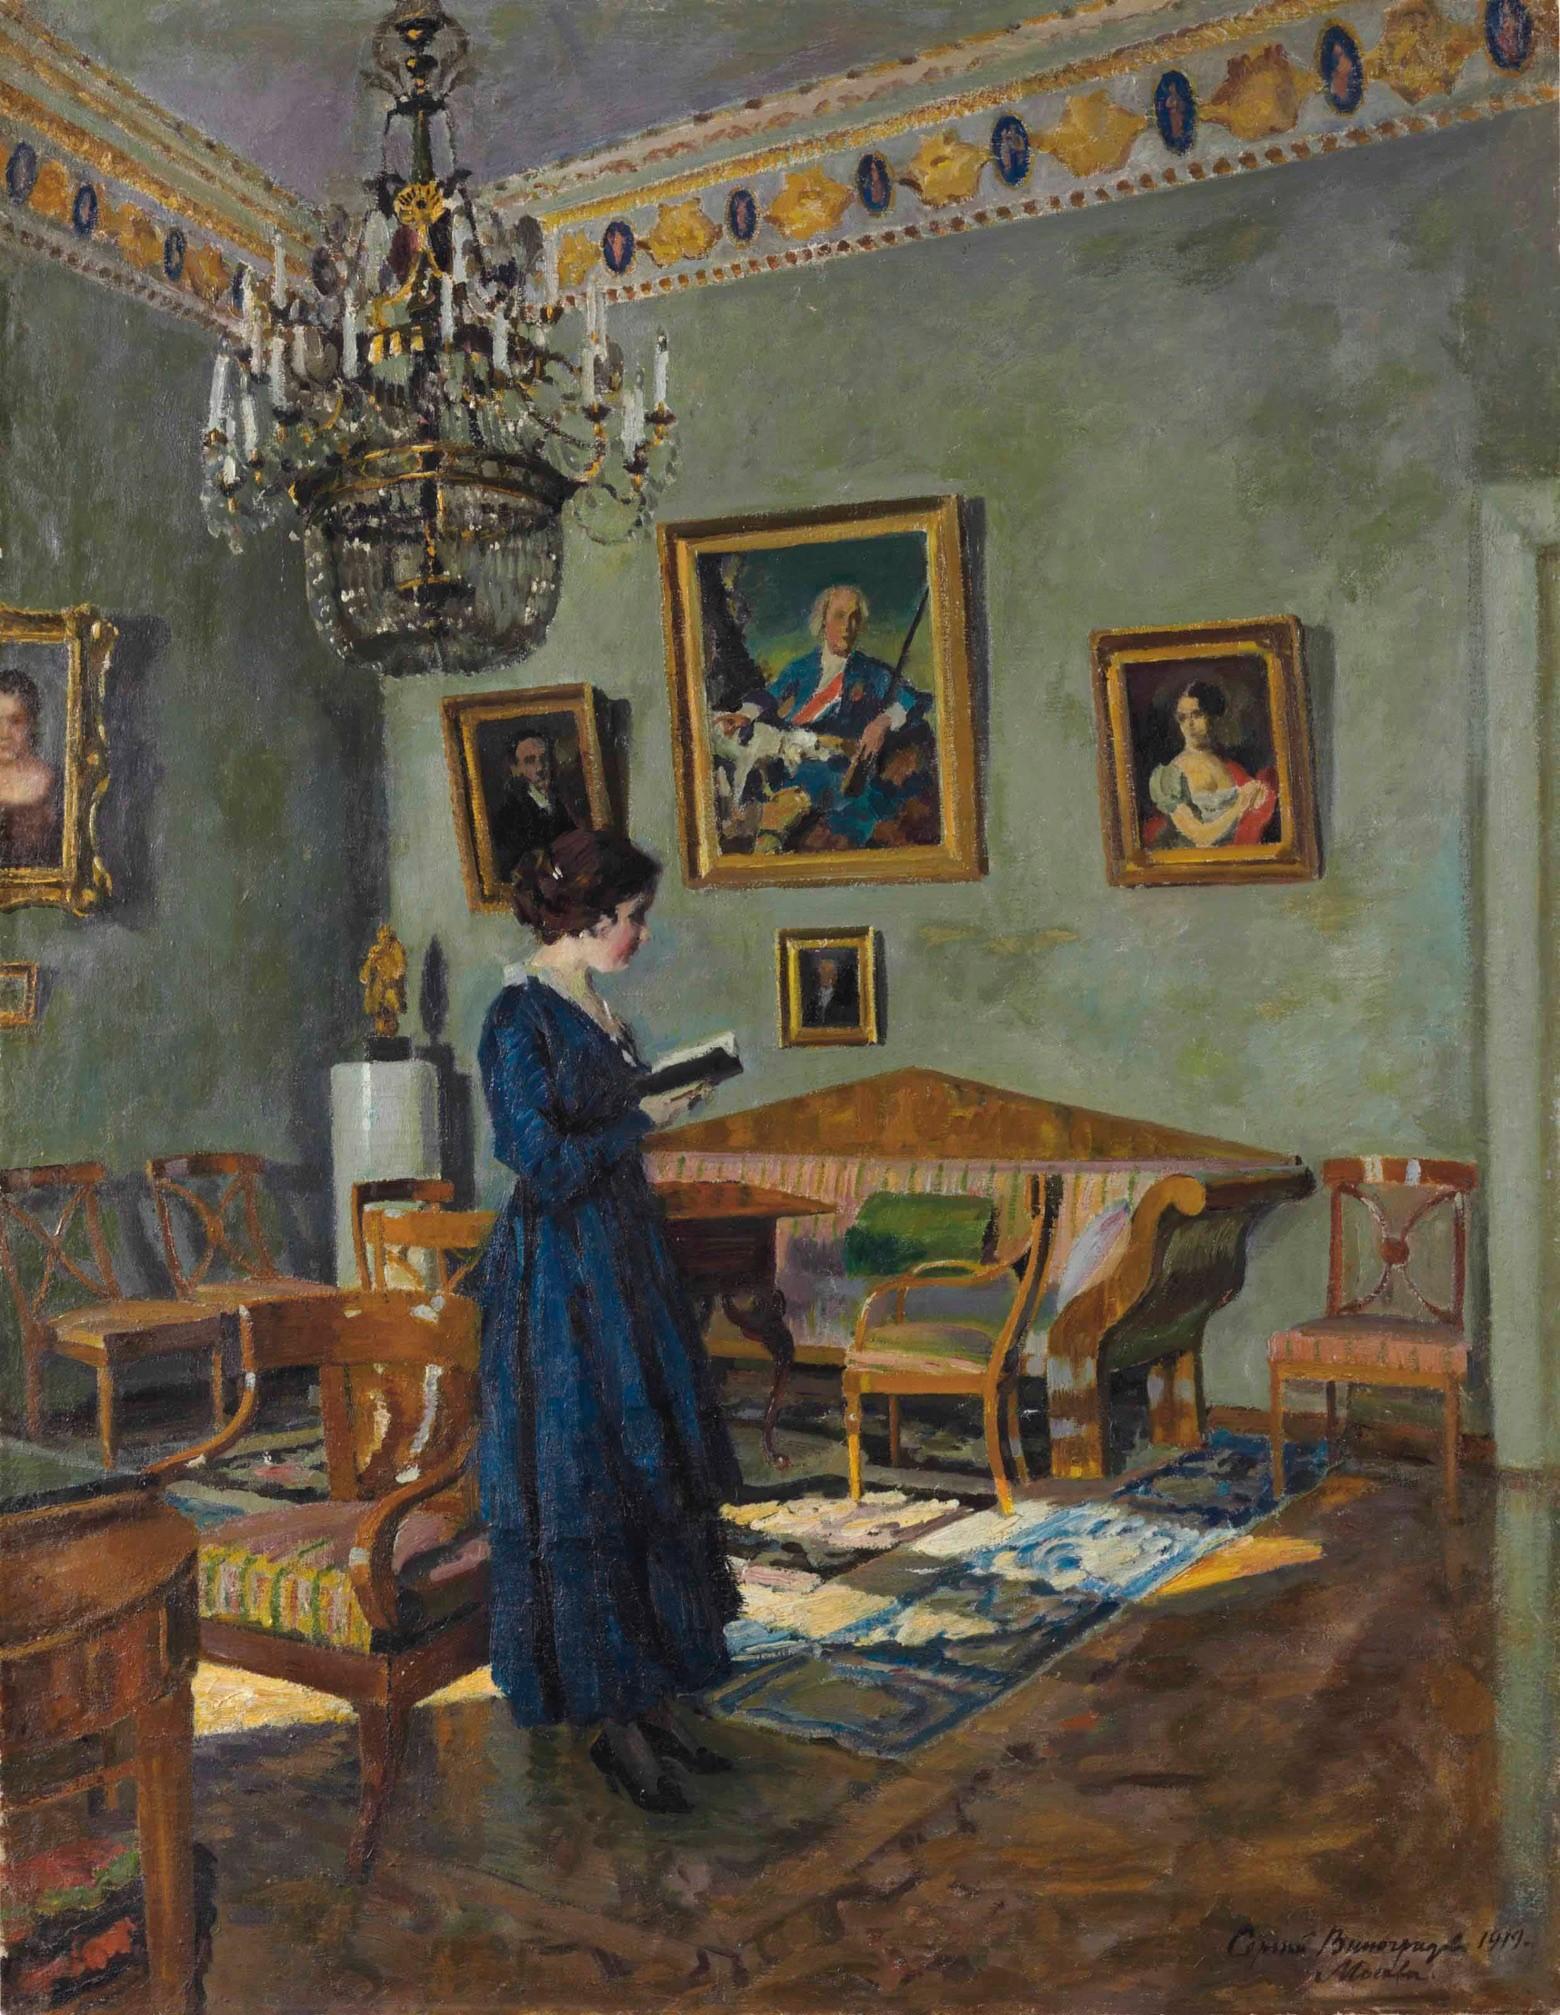 Виноградов С.А. Портрет жены в интерьере, 1919